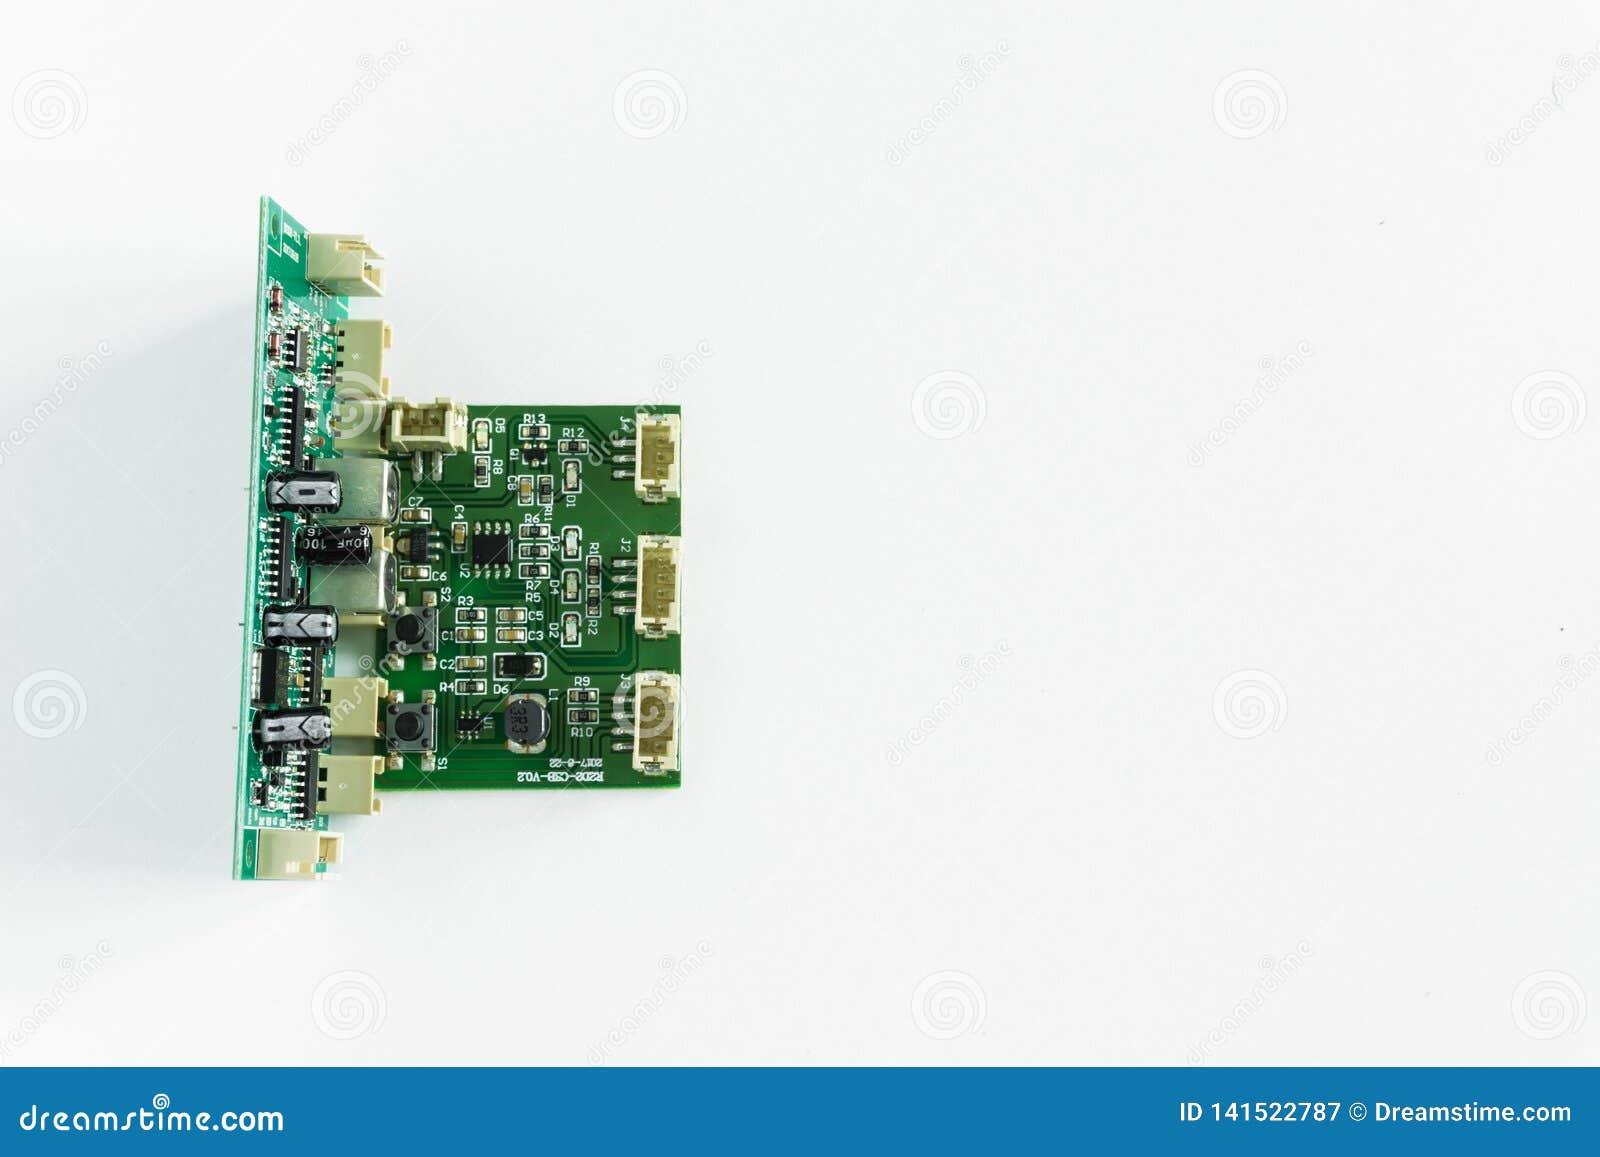 Groene motherboard met transistors op een witte achtergrond